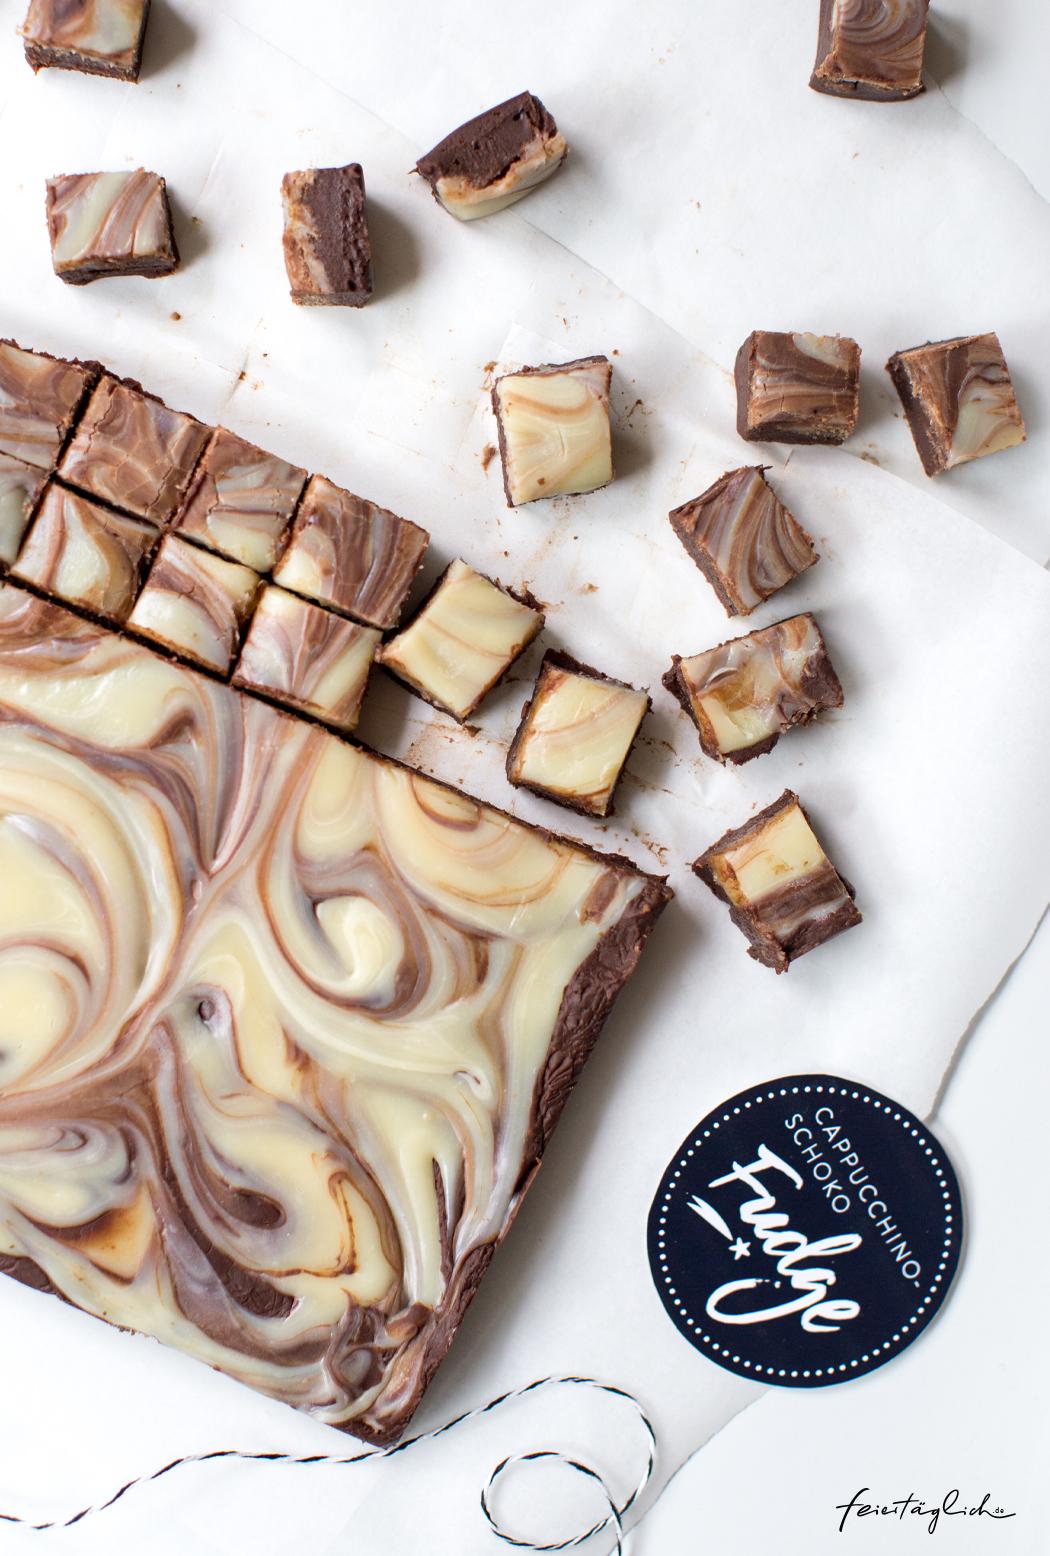 Cappuccino-Schoko-Fudge, schnelles Last-Minute Geschenk aus der Küche. Rezept und Free Printable Labels